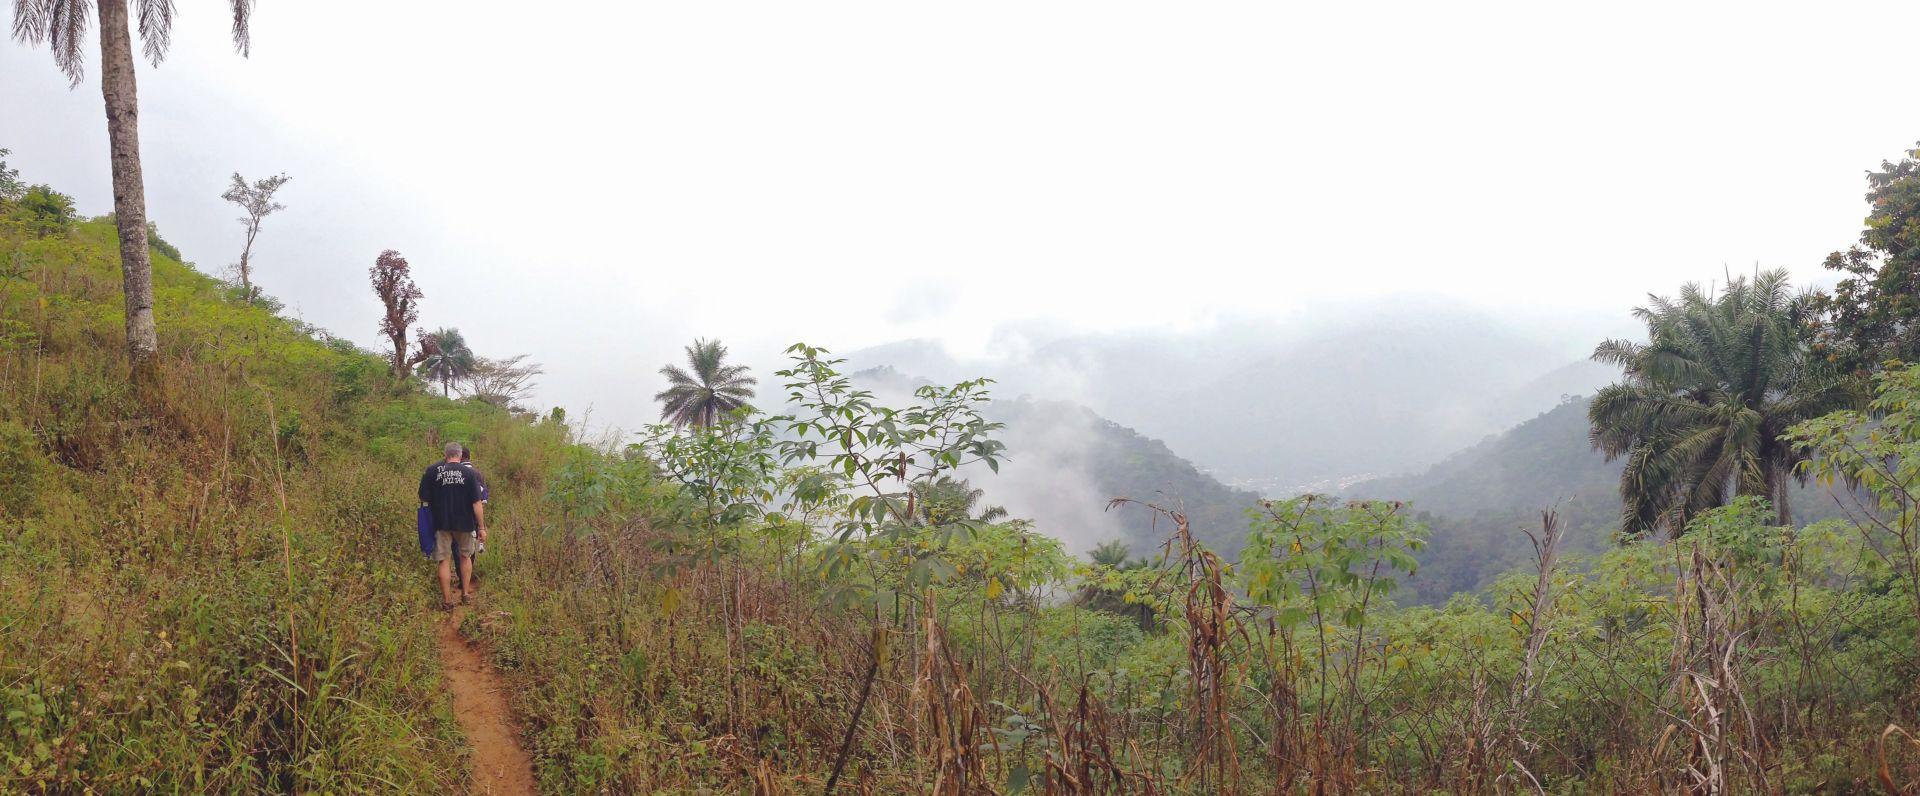 Umgebung des Dorfes, wo wir fünf Tage verbrachten.